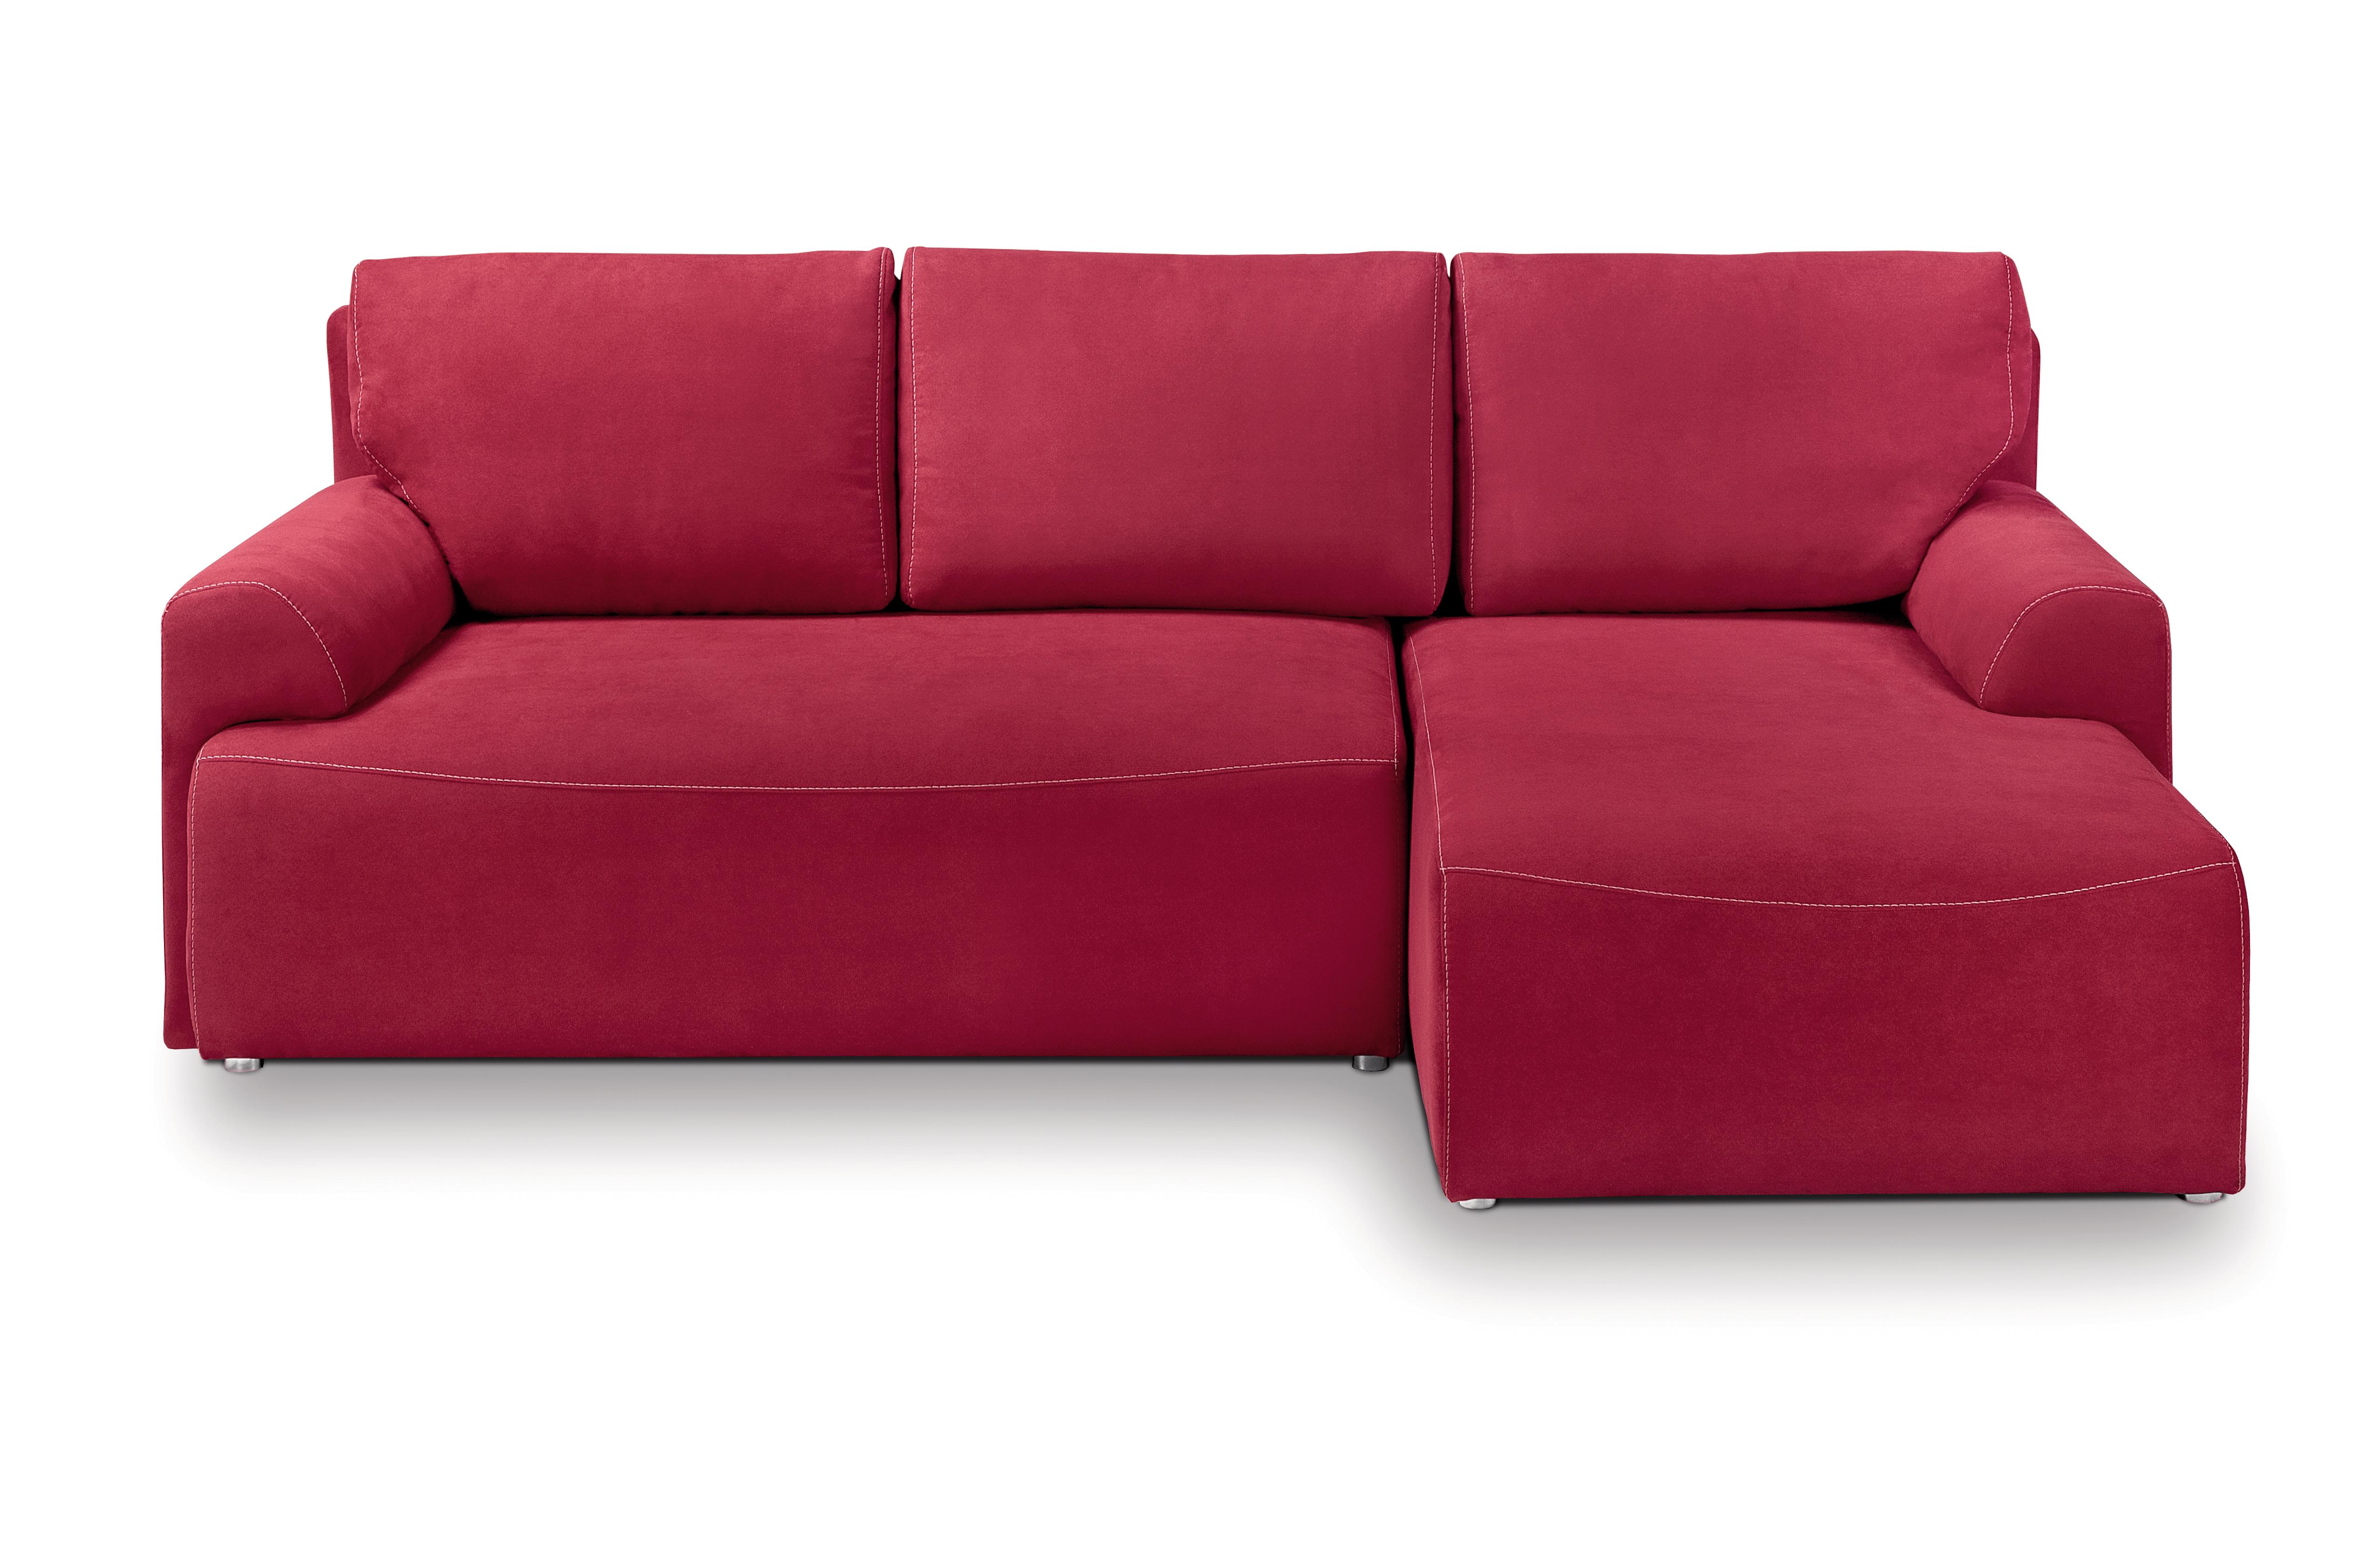 Rohová sedací souprava - BRW - City Lux 3DL URC (červená) (P)